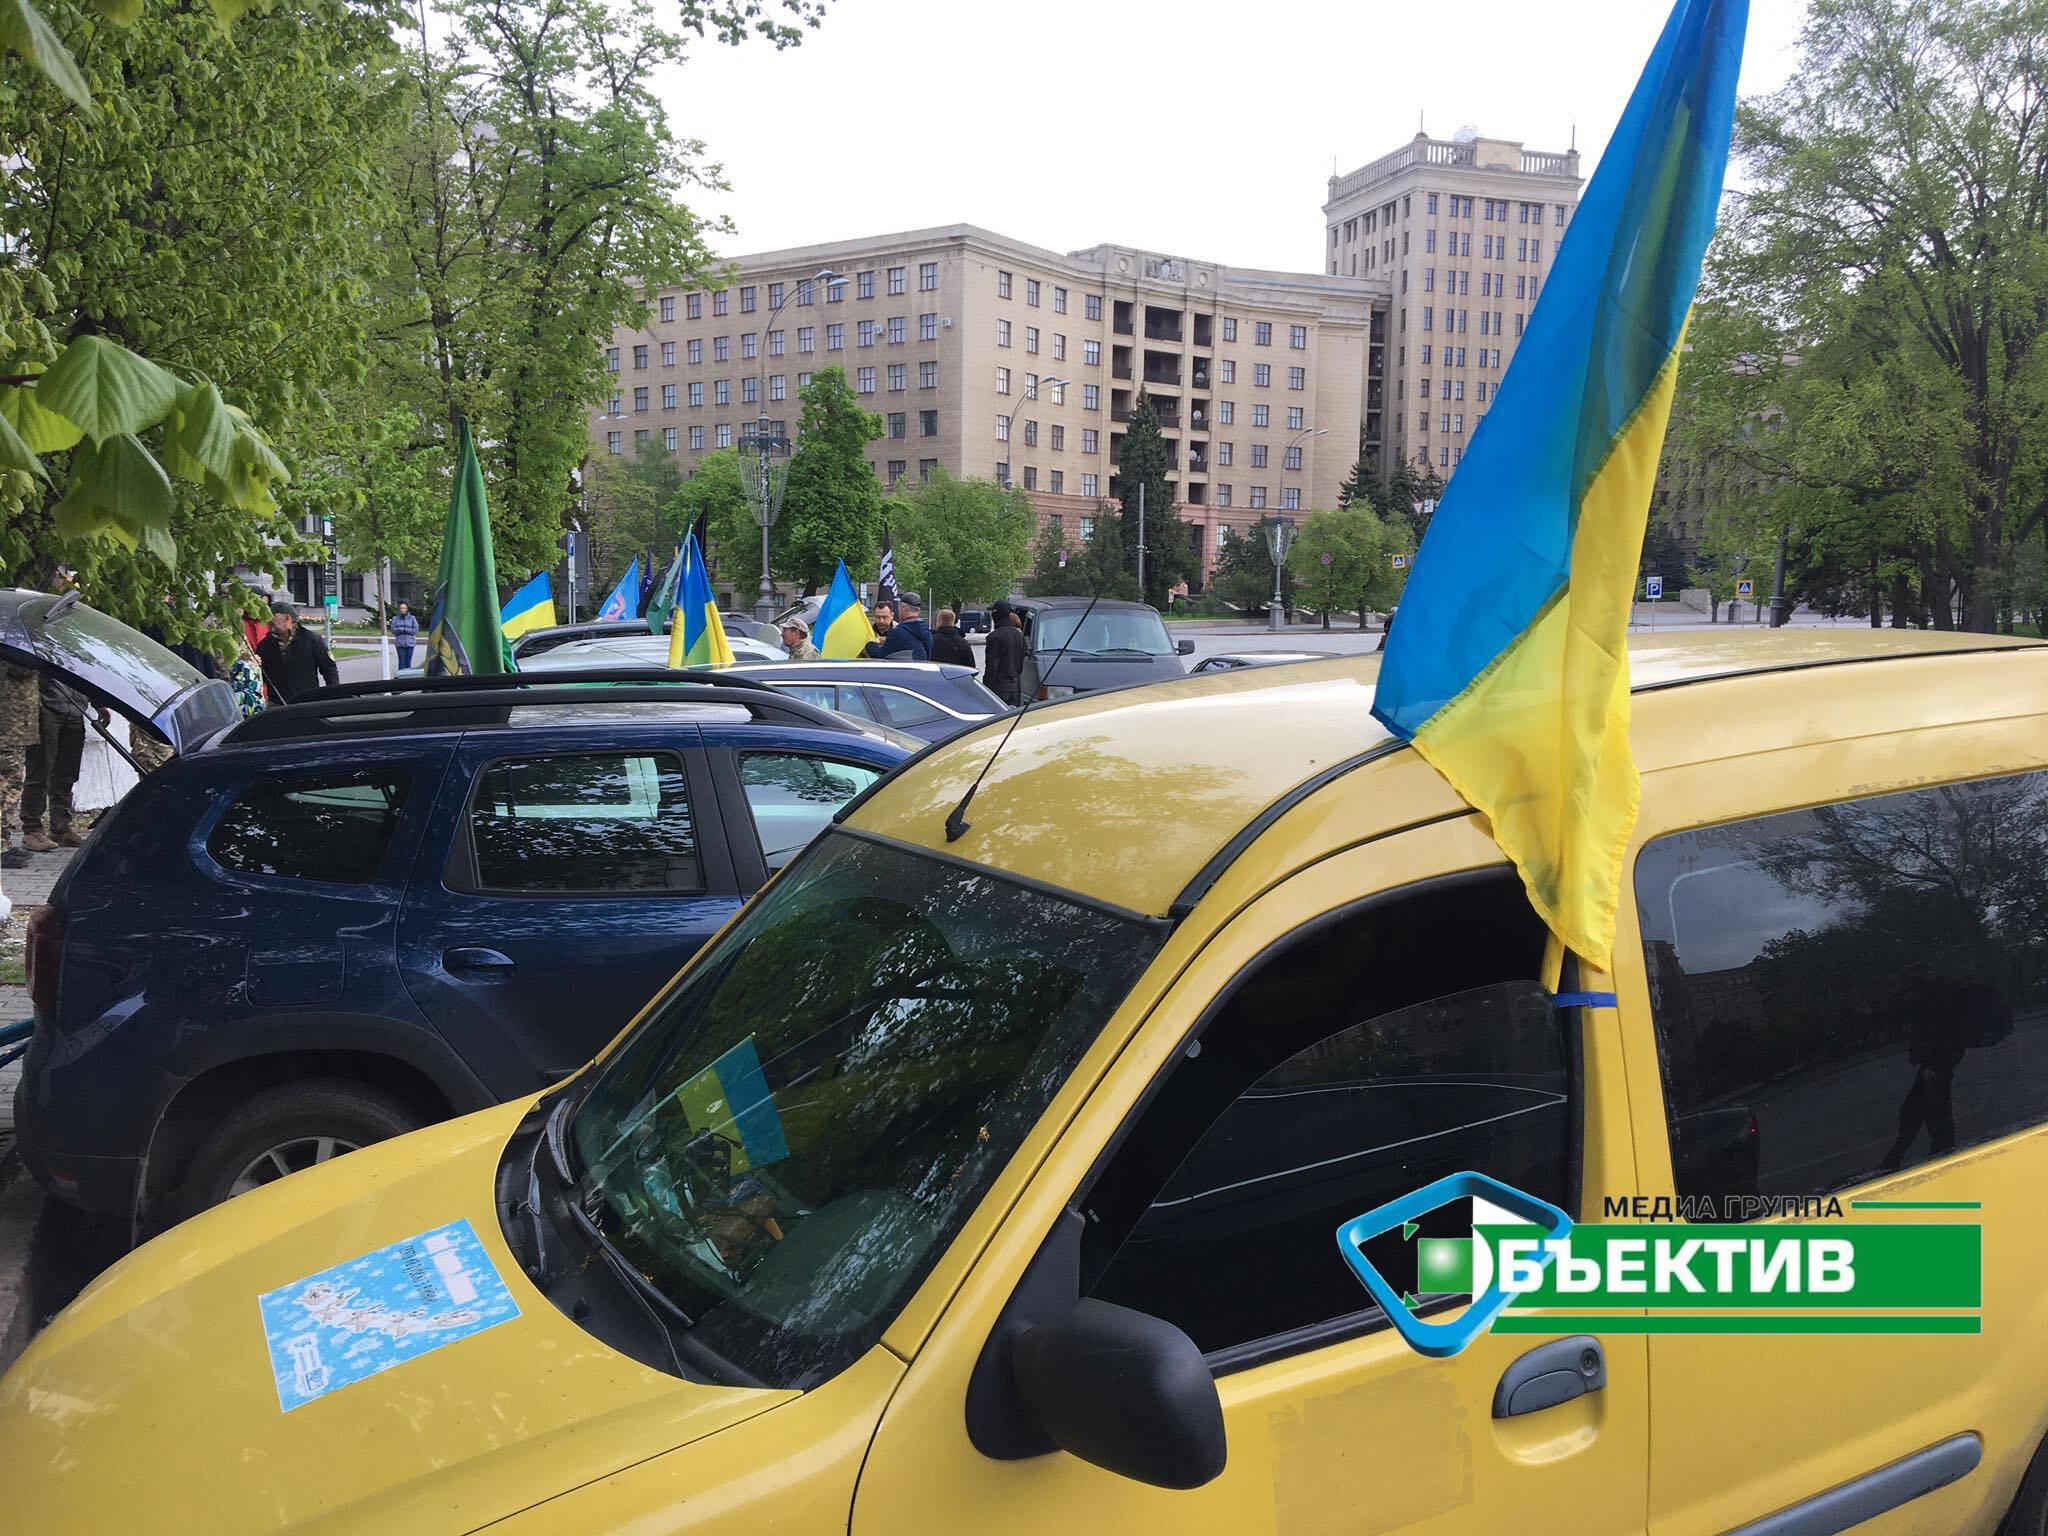 В Харькове ветераны АТО/ООС организовали автопробег (фото, видео)